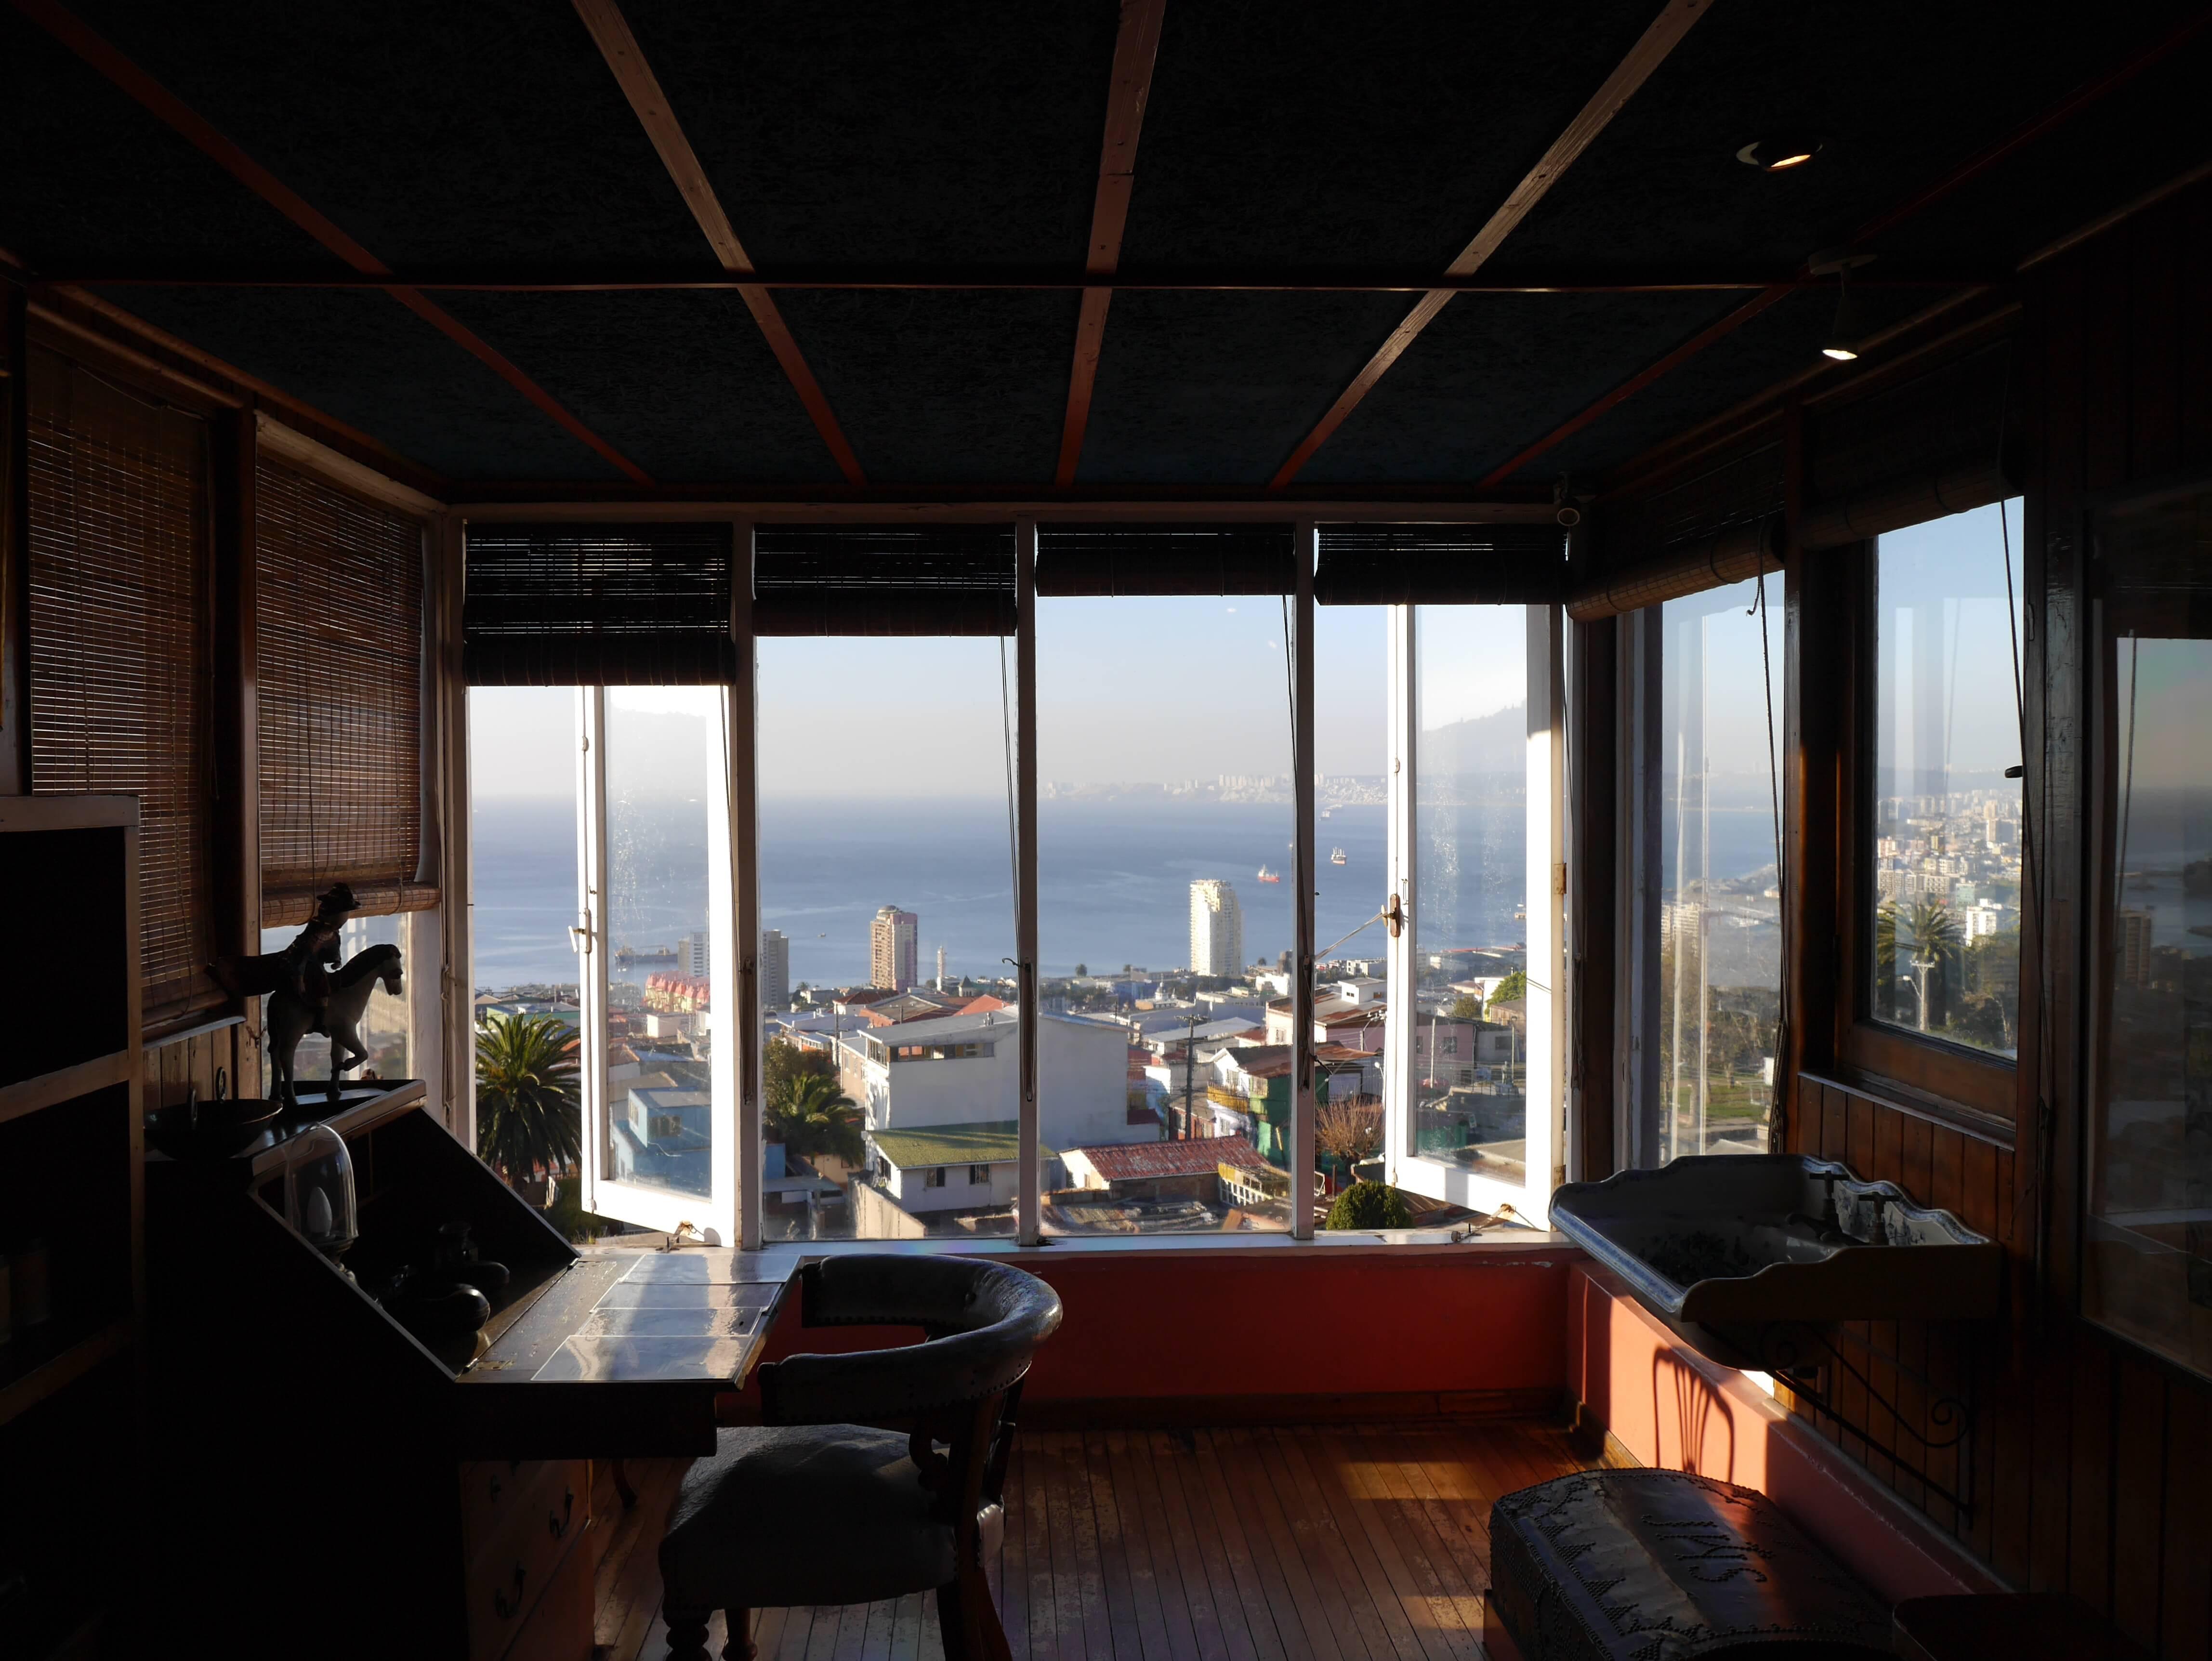 Escritorio-Neruda-Sebastiana-Valparaíso-Chile